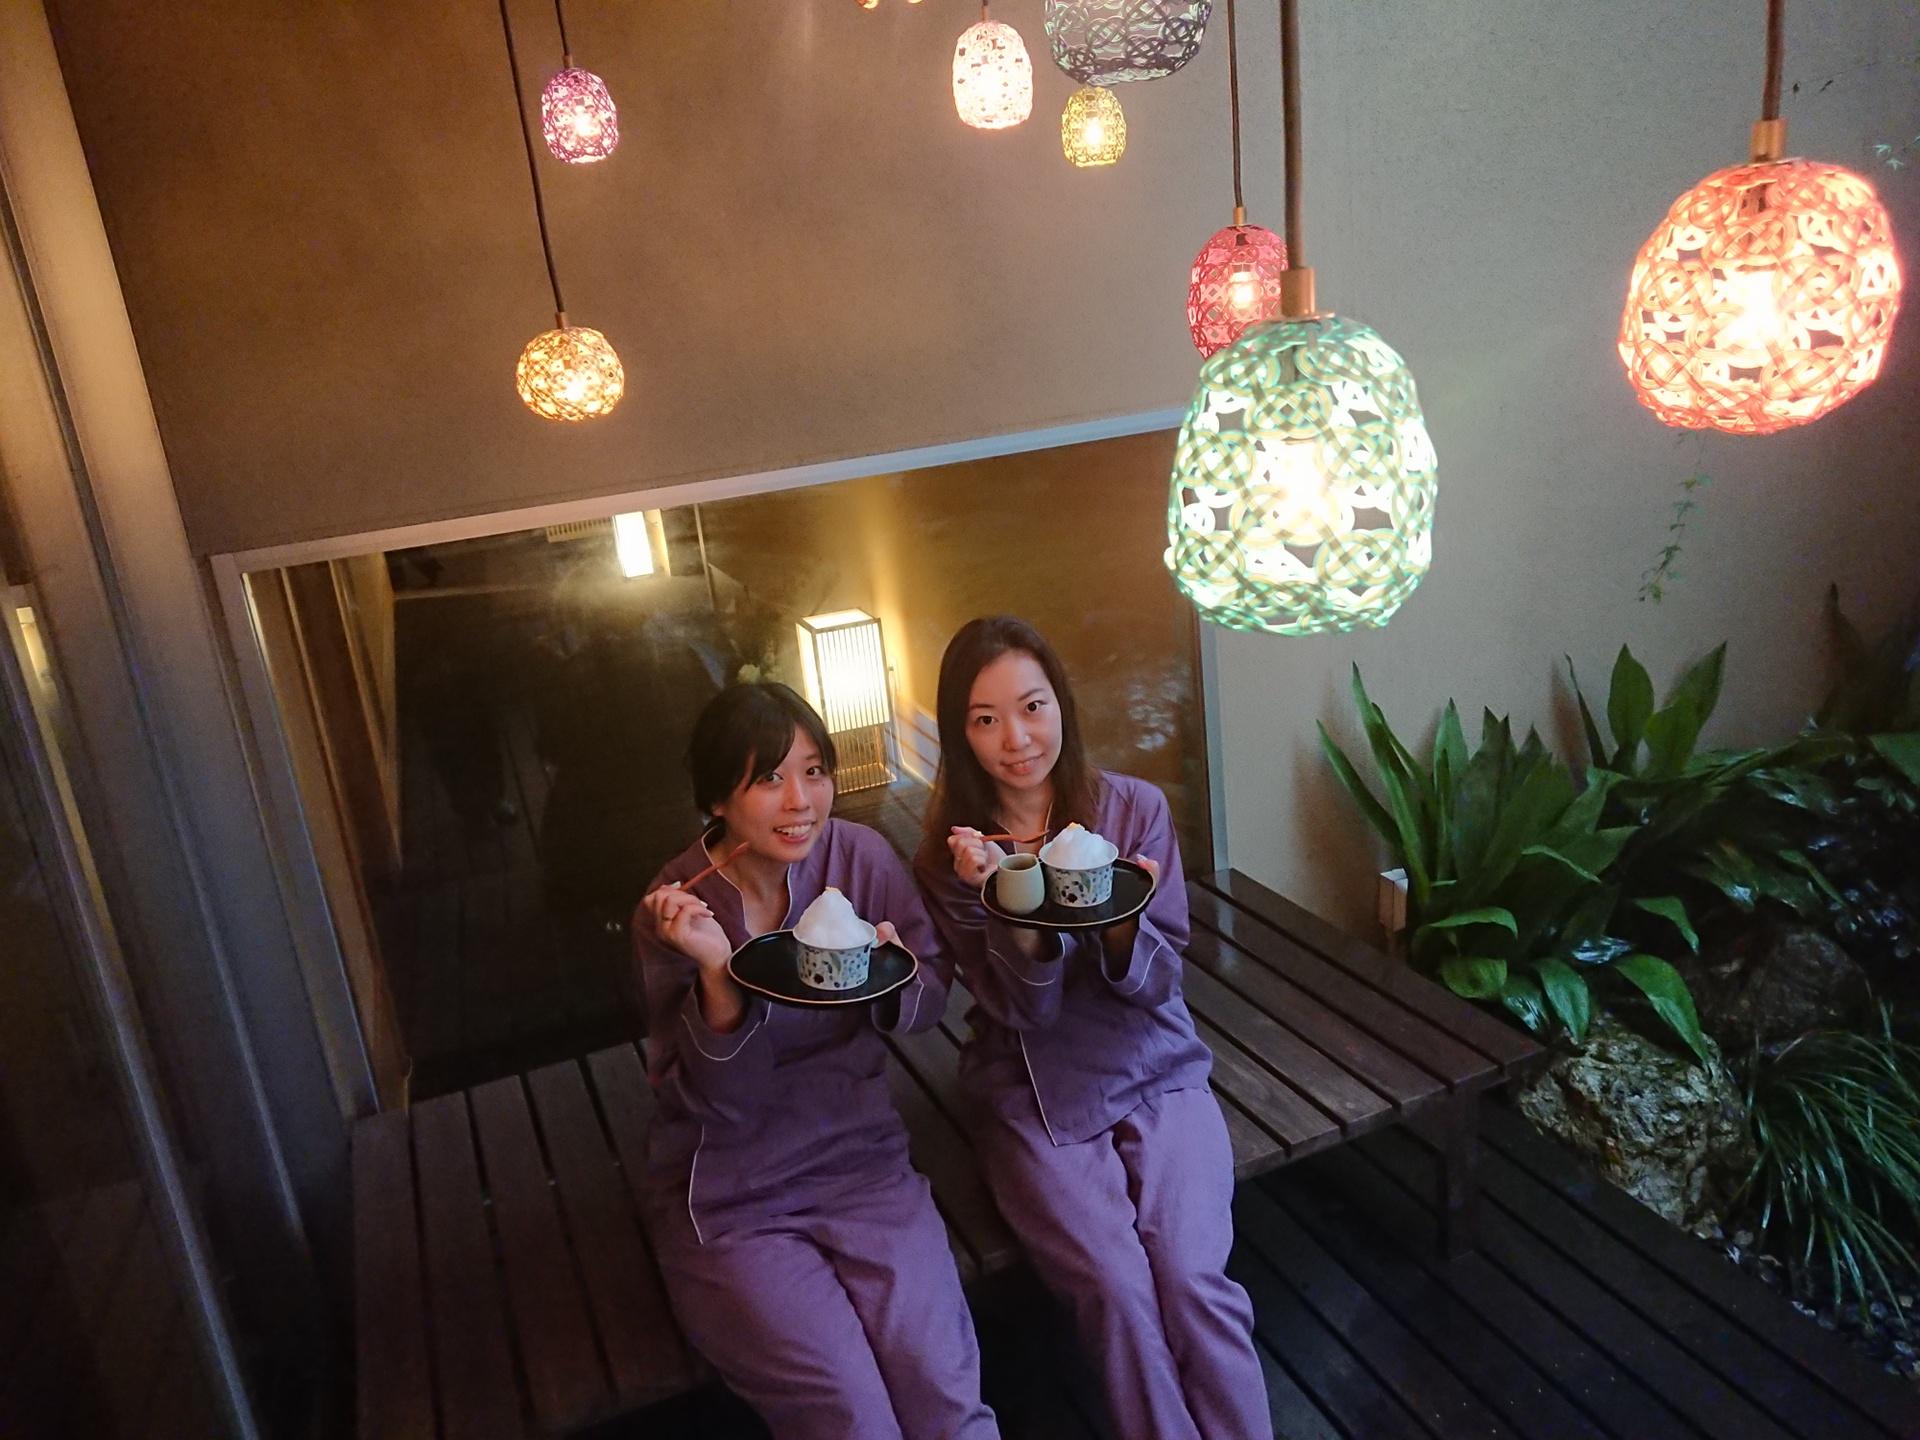 【星野リゾート 界 加賀】『界タビ20s』で温泉と伝統文化が心ゆくまで愉しめる女子旅を♡_8